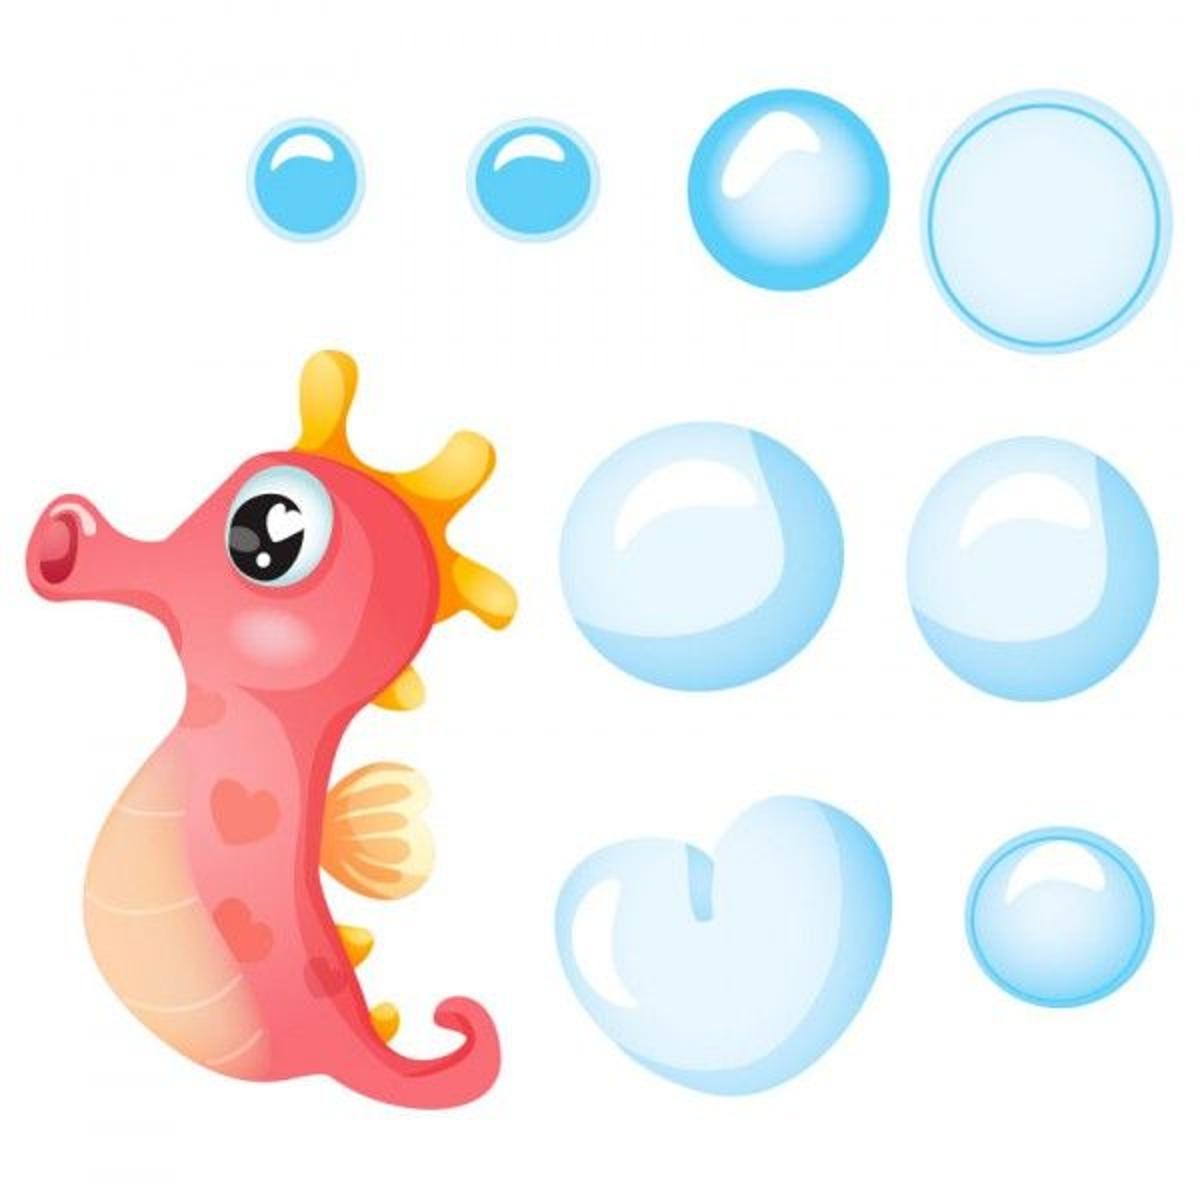 Stickers Hippocampe : Silo et ses bulles